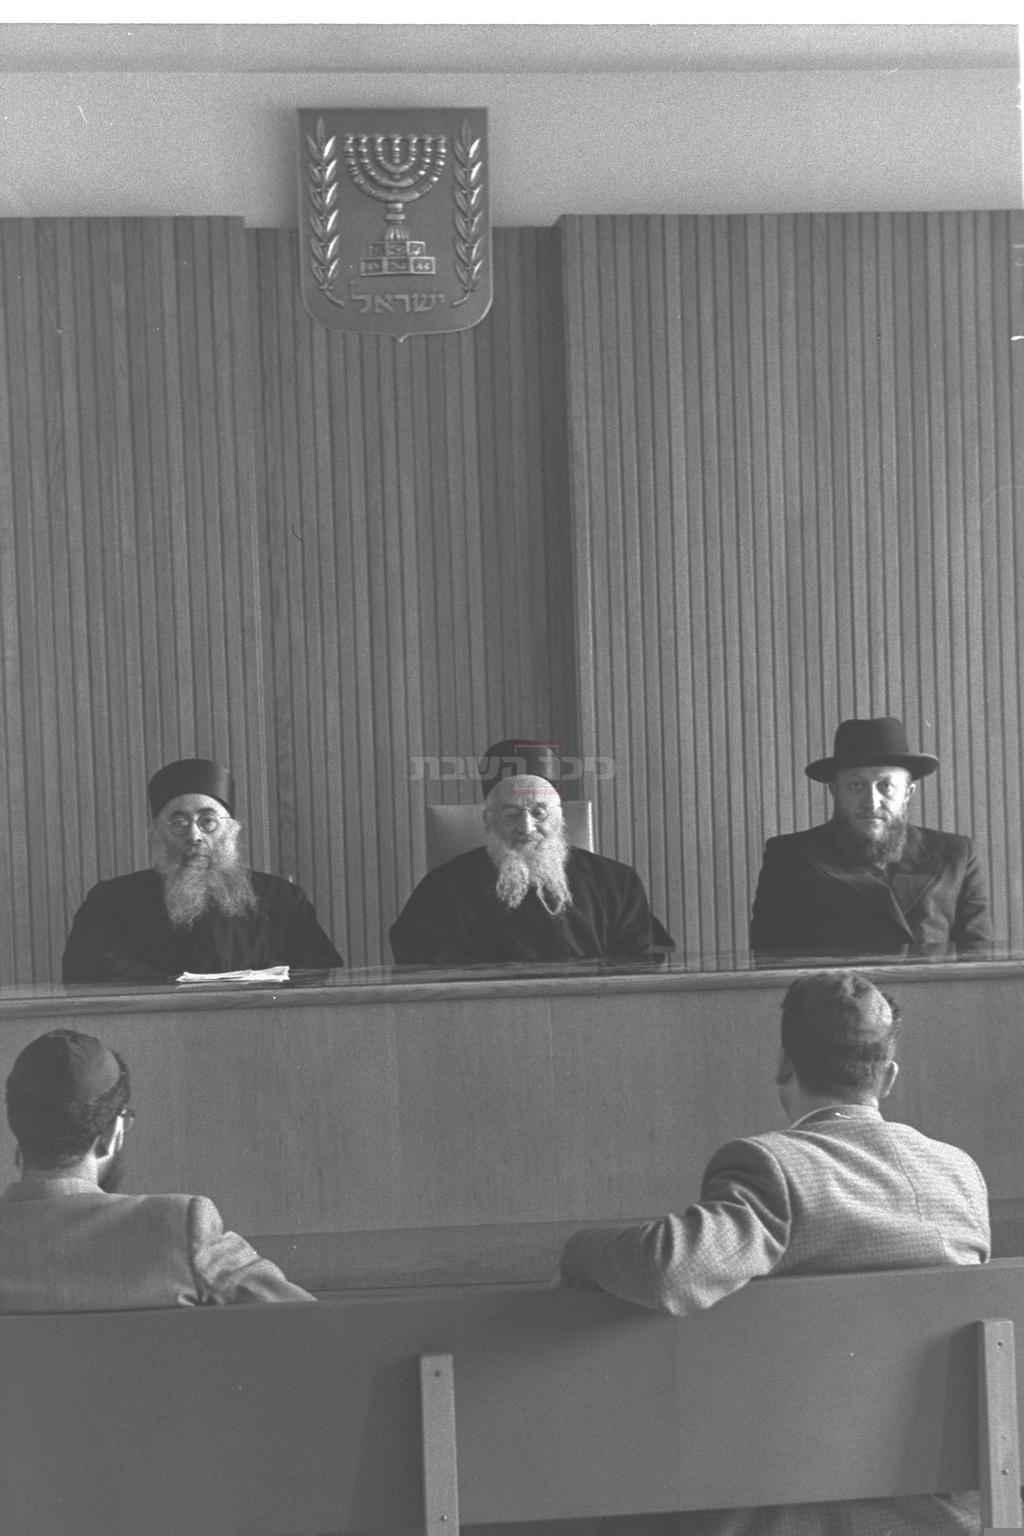 באמצע: רבי עובדיה הדאיה, אב''ד בית הדין הגדול לערעורים של הרבנות הראשית, 1959(צילום: PRIDAN MOSHE, לע''מ)